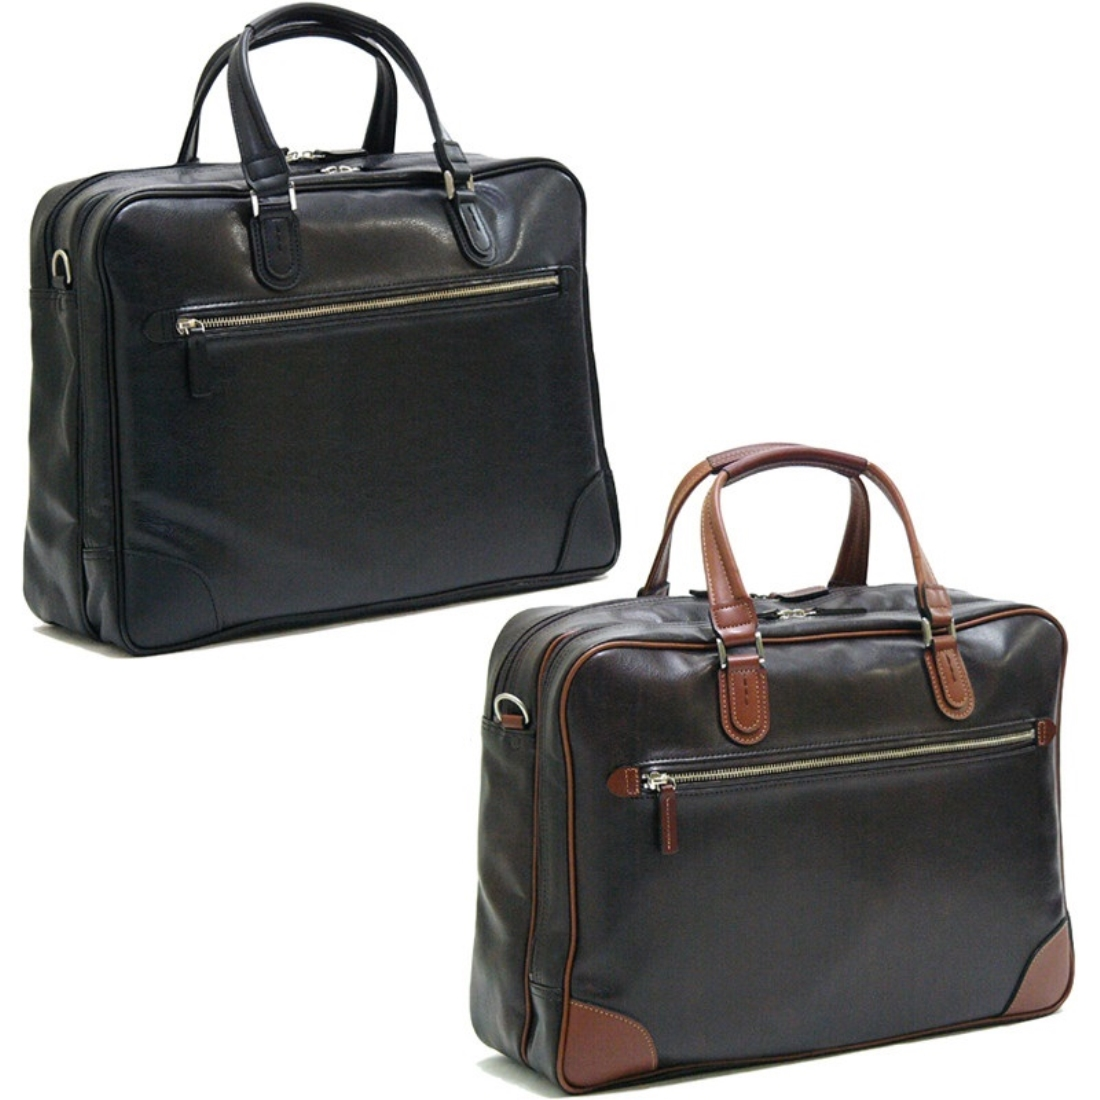 V.S.Wマチビジネス 仕事 バグ チョコ 日本製日本 ビジネス 仕事 バッグ 鞄 付属/本革